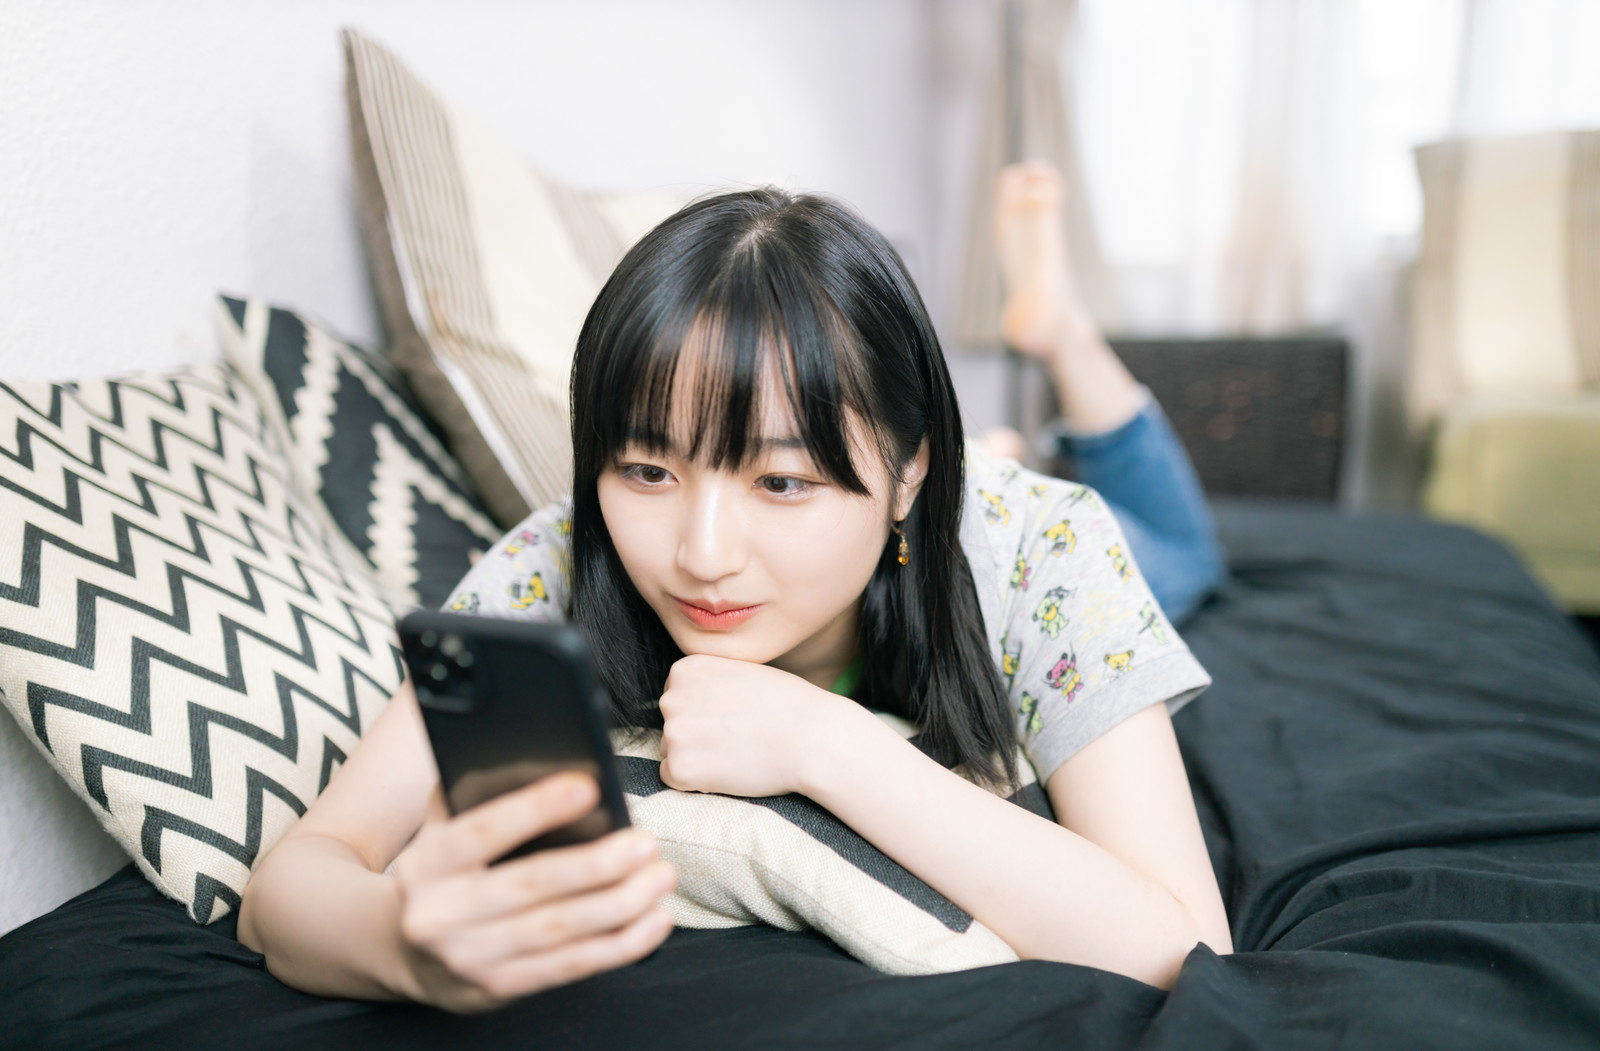 「【読者相談No.2】LINEで女性からの返信がなければその女性からは嫌われているのか?」のアイキャッチ画像